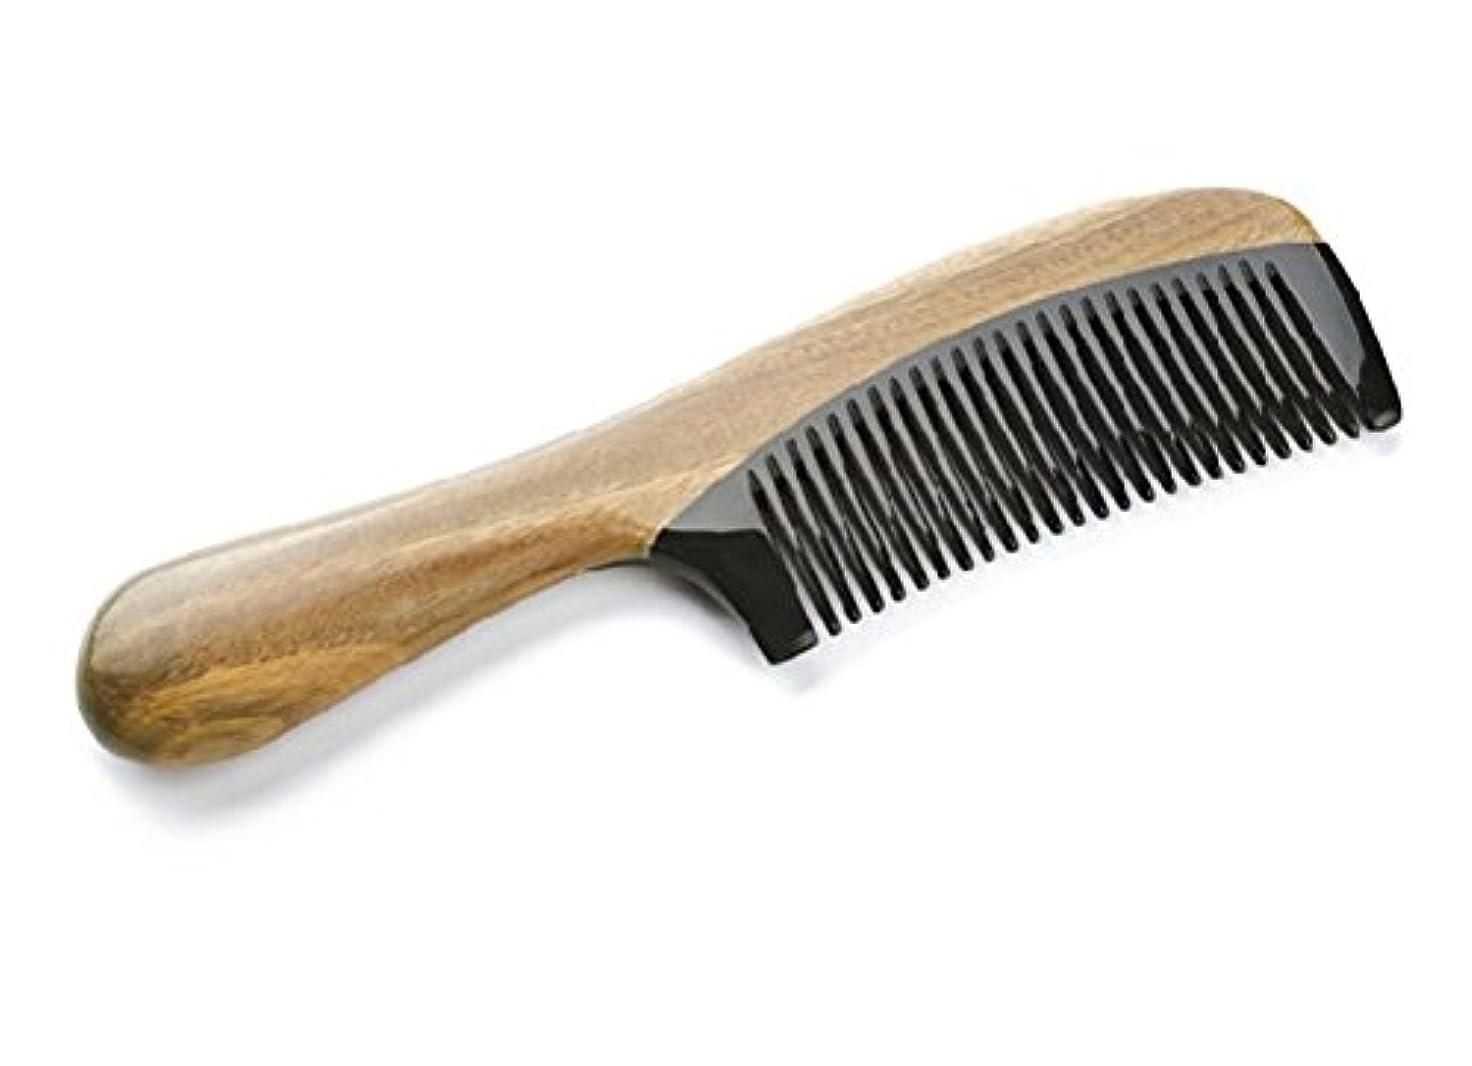 モッキンバードいわゆる効率櫛型 プロも使う牛角かっさプレート マサージ用 血行改善 高級 天然 静電気防止 美髪 美顔 ボディ リンパマッサージ 敬老の日